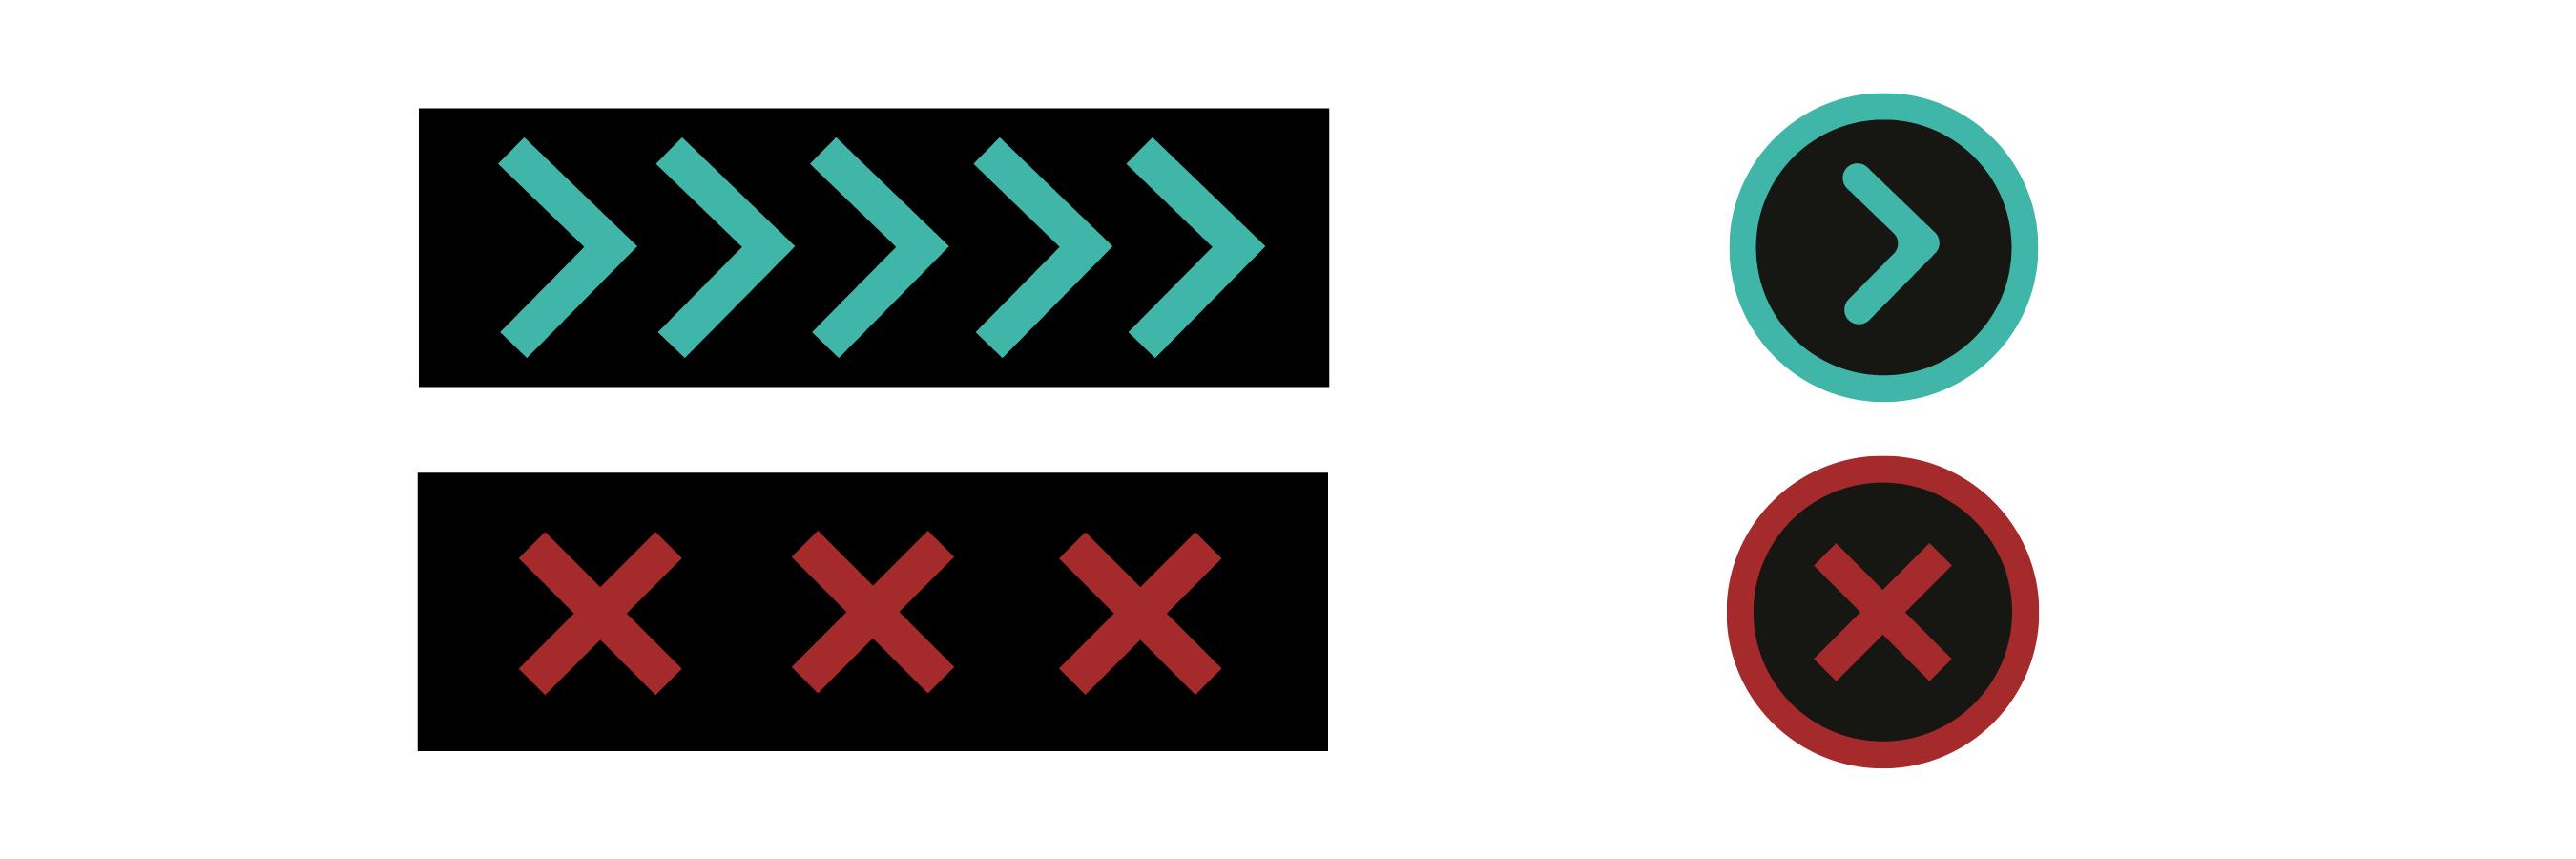 Links oben: Eckige Anzeige mit blauen Rauten, die nach rechts deuten. Links unten: Eckige anzeige mit Roten Kreuzen. Rechts oben: Runde Anzeige mit blauer Raute, die nach rechts deutet. Rechts unten: Runde Anzeige mit rotem Kreuz